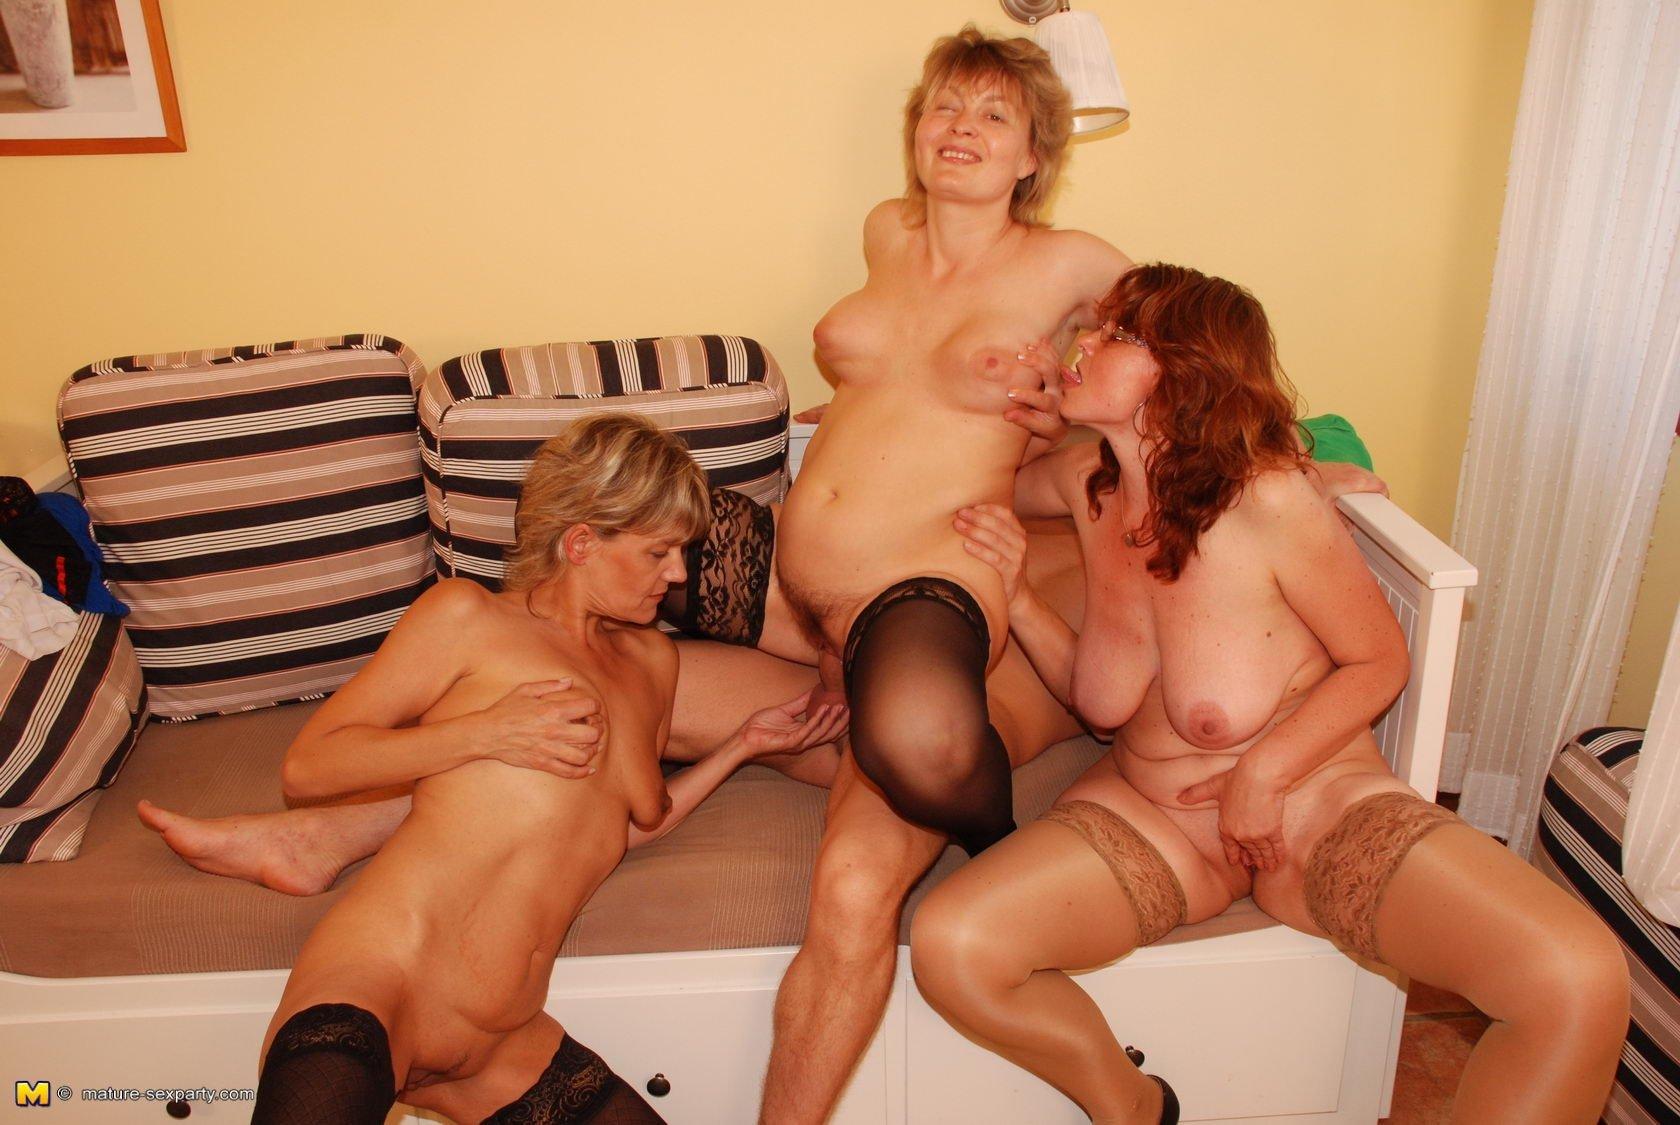 Вчетвером - Порно фото галерея 868233